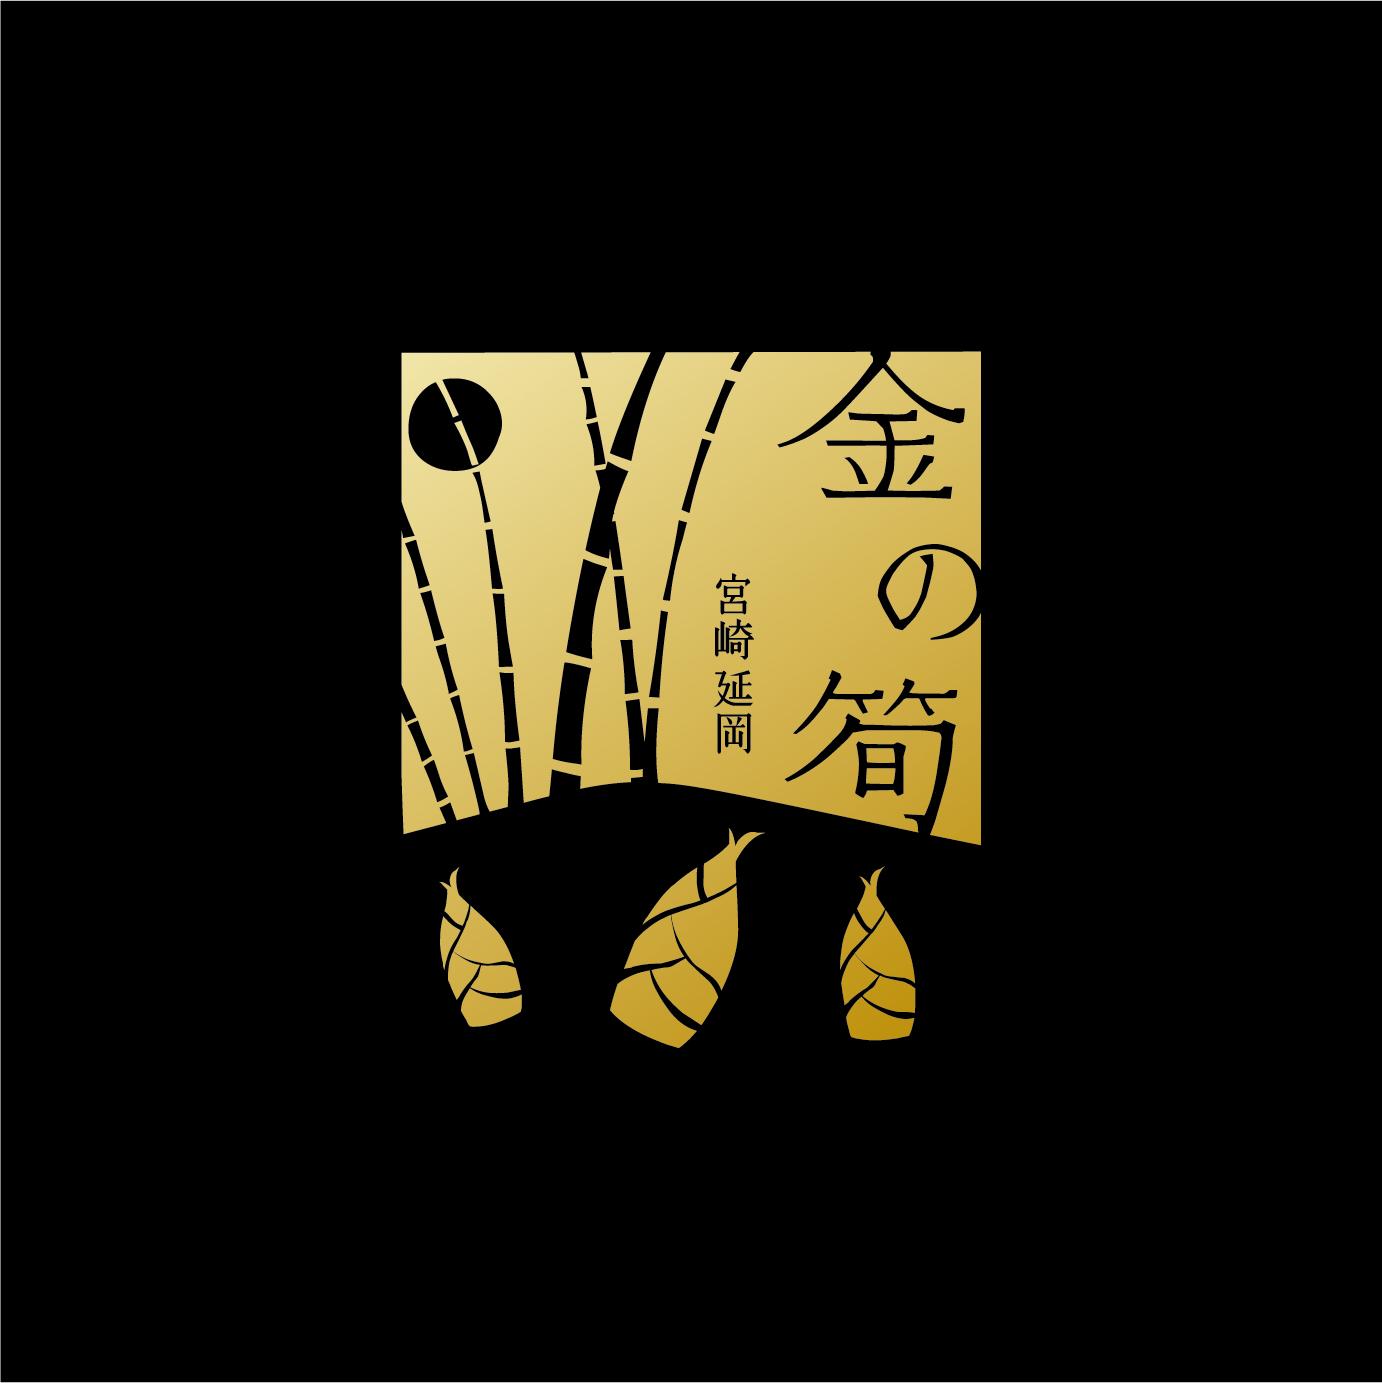 延岡「金の筍」ロゴ・パッケージデザイン